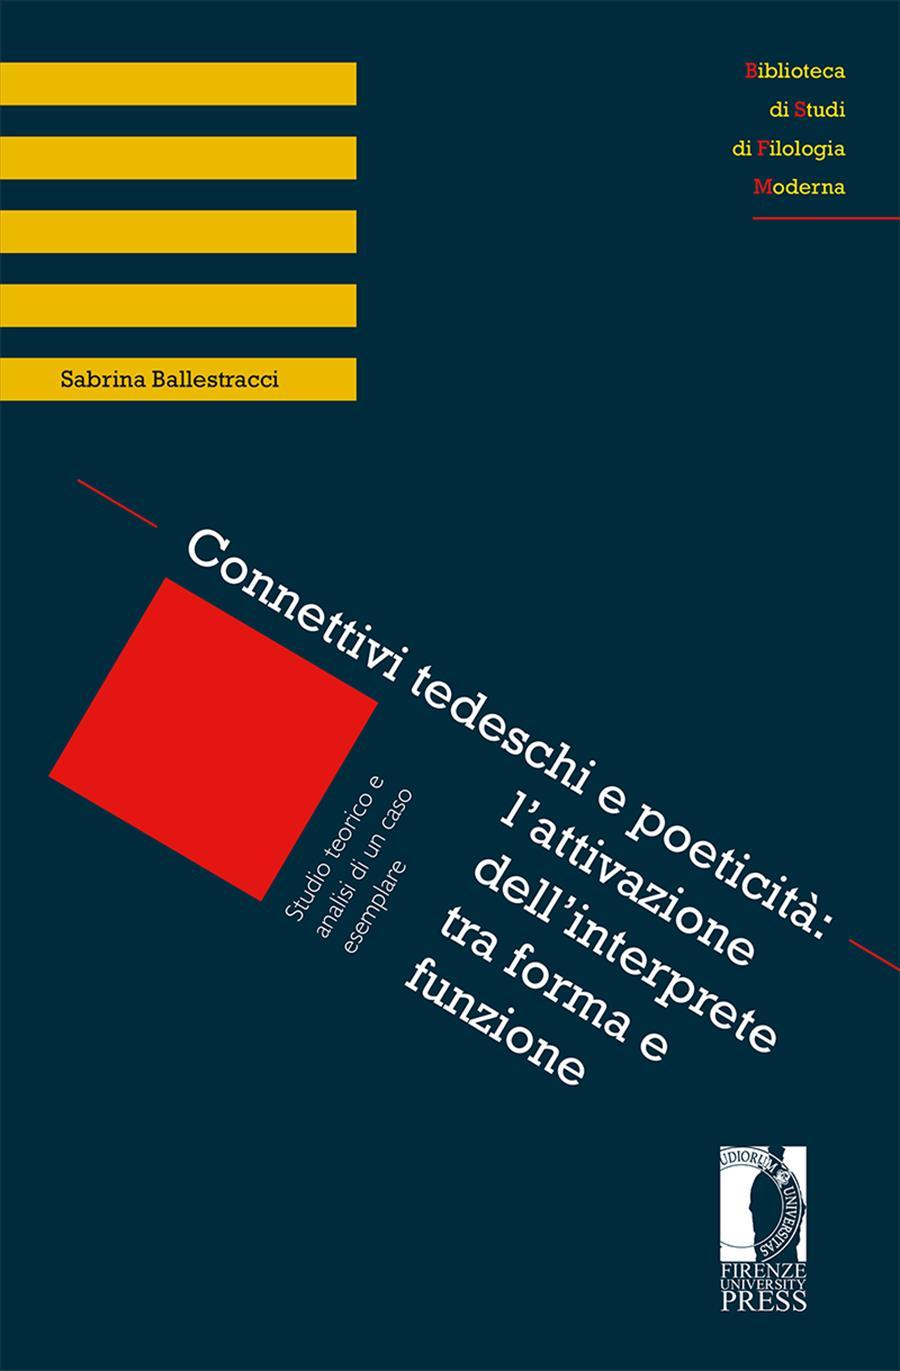 Connettivi tedeschi e poeticità: l'attivazione dell'interprete tra forma e funzione